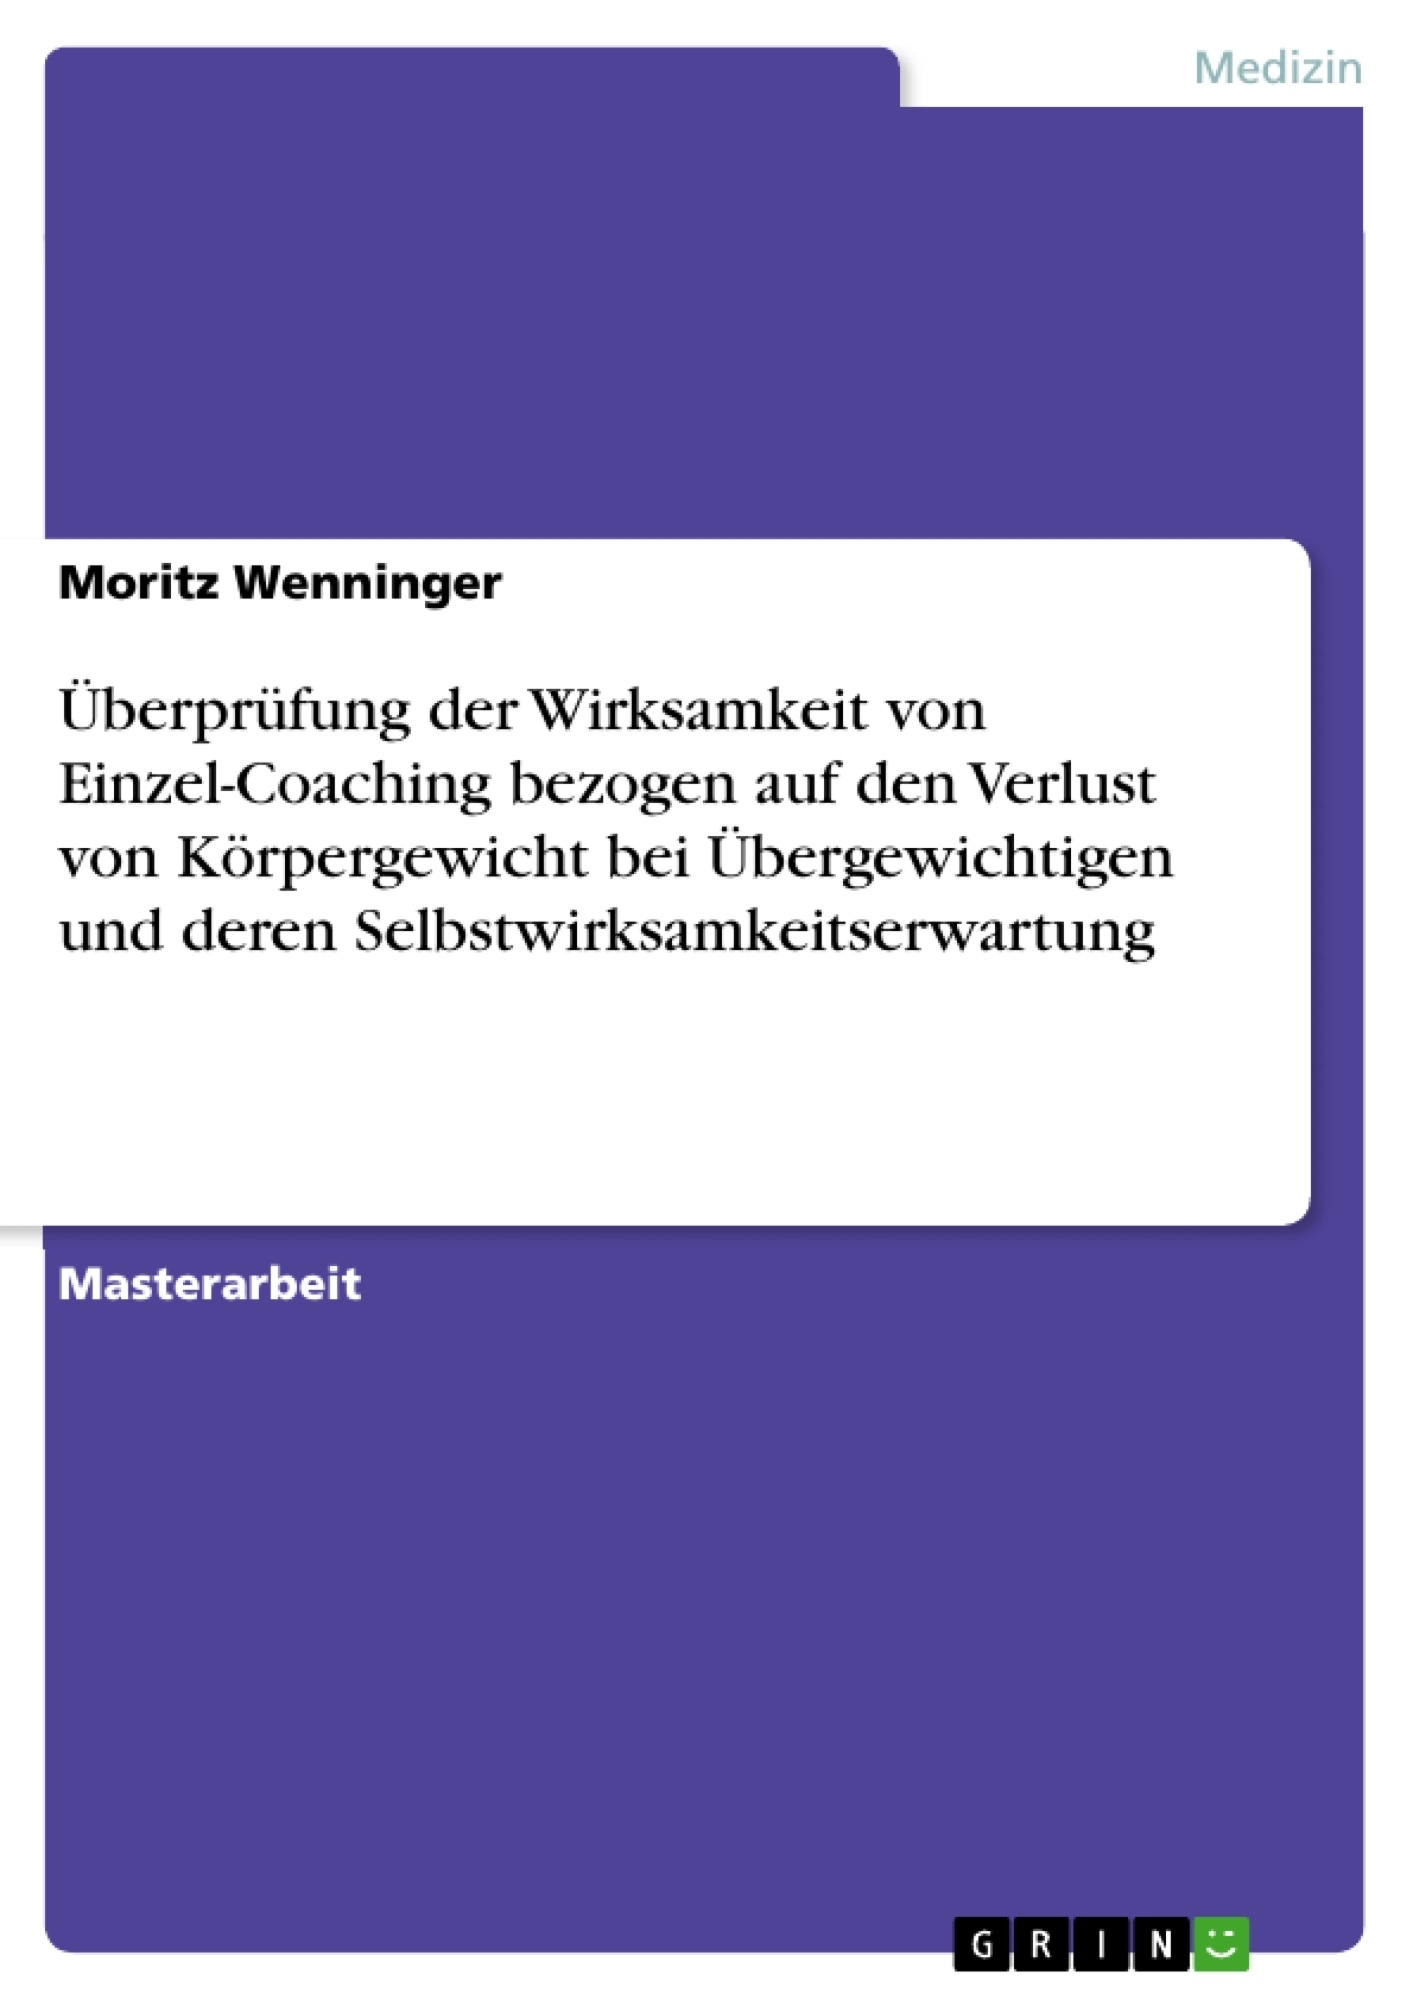 Titel: Überprüfung der Wirksamkeit von Einzel-Coaching bezogen auf den Verlust von Körpergewicht bei Übergewichtigen und deren Selbstwirksamkeitserwartung